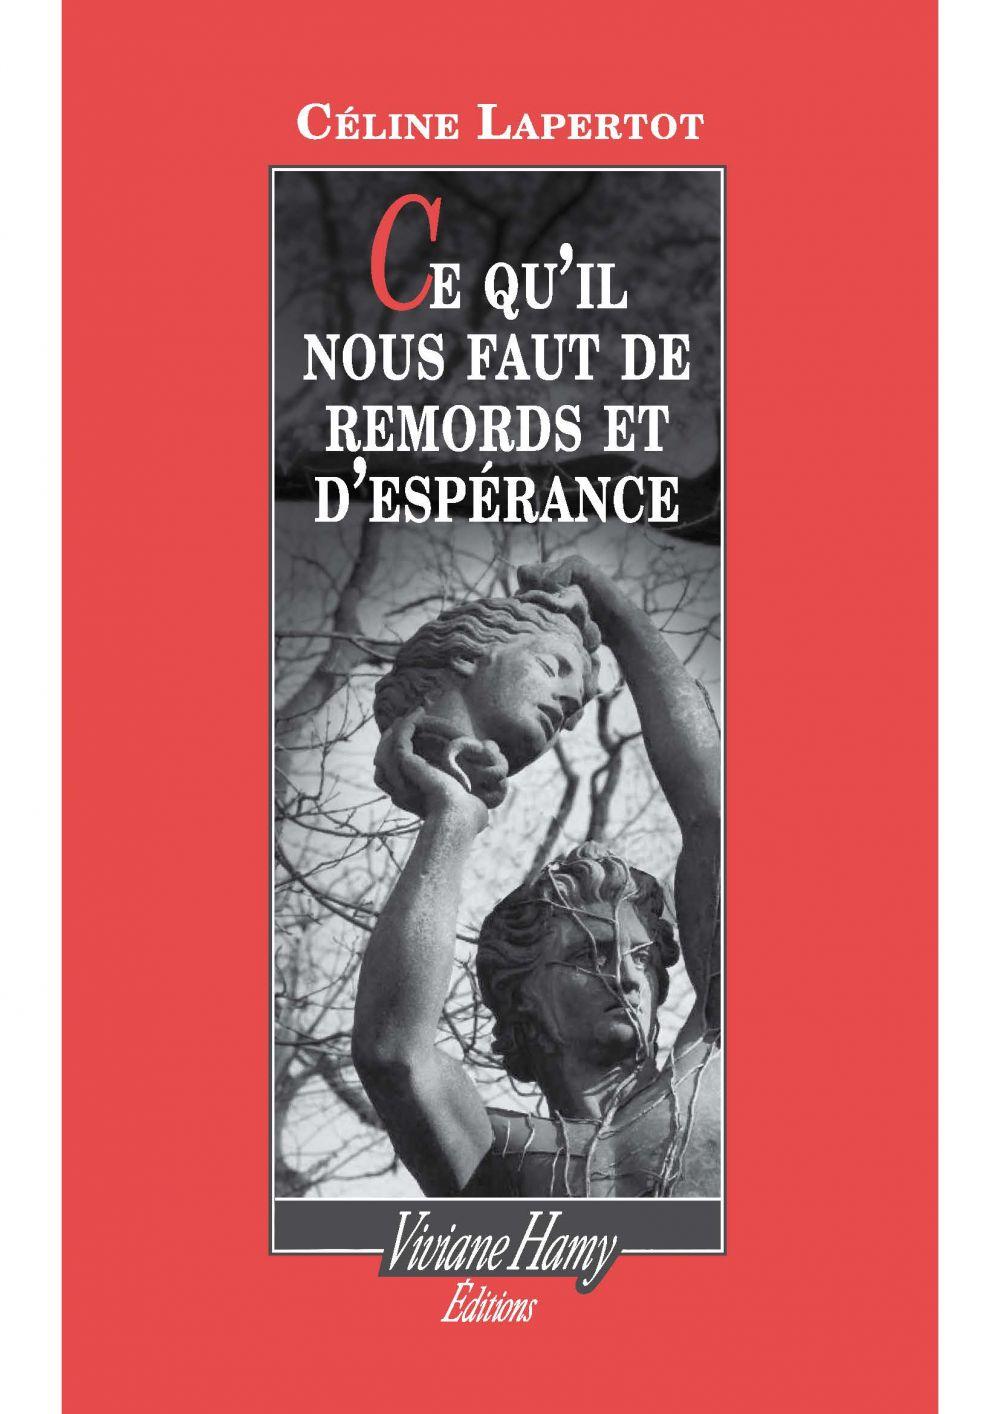 Ce qu'il nous faut de remords et d'espérance | Lapertot, Céline (1986-....). Auteur